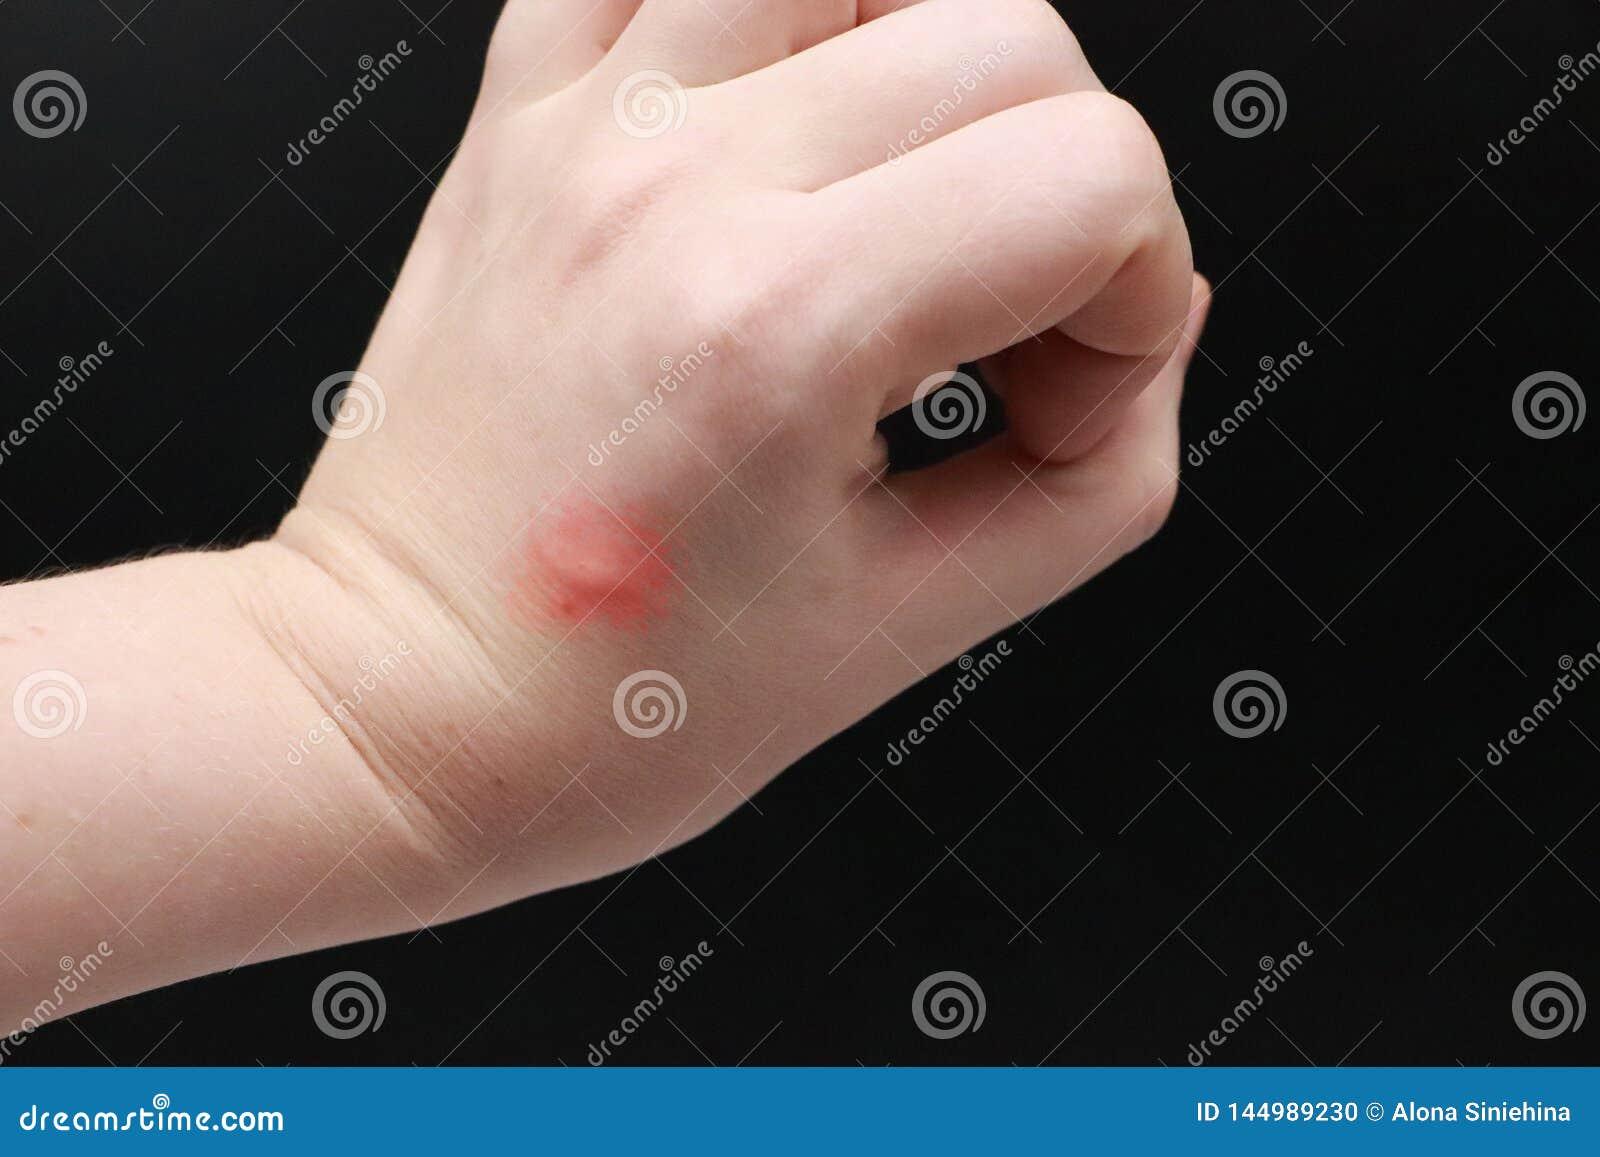 Rojez y el picar en el brazo El doctor examina la mano en la cual la mordedura de un insecto, un mosquito